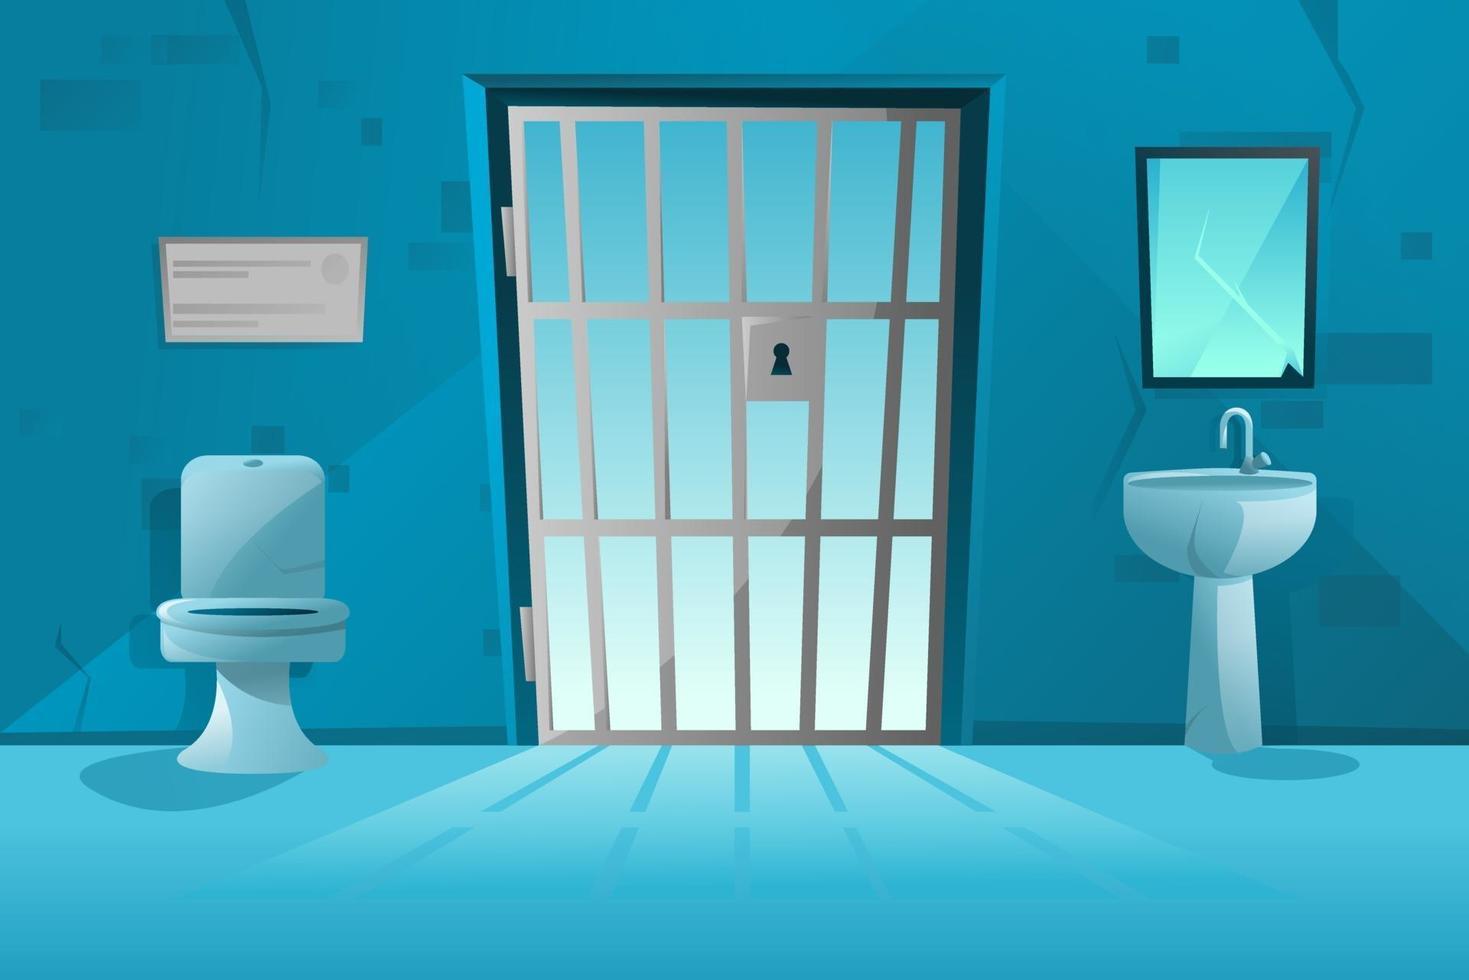 interior de celda de prisión con celosía, puerta de rejilla, inodoro, lavabo y espejo roto, paredes sucias. sala de la cárcel. vector de dibujos animados